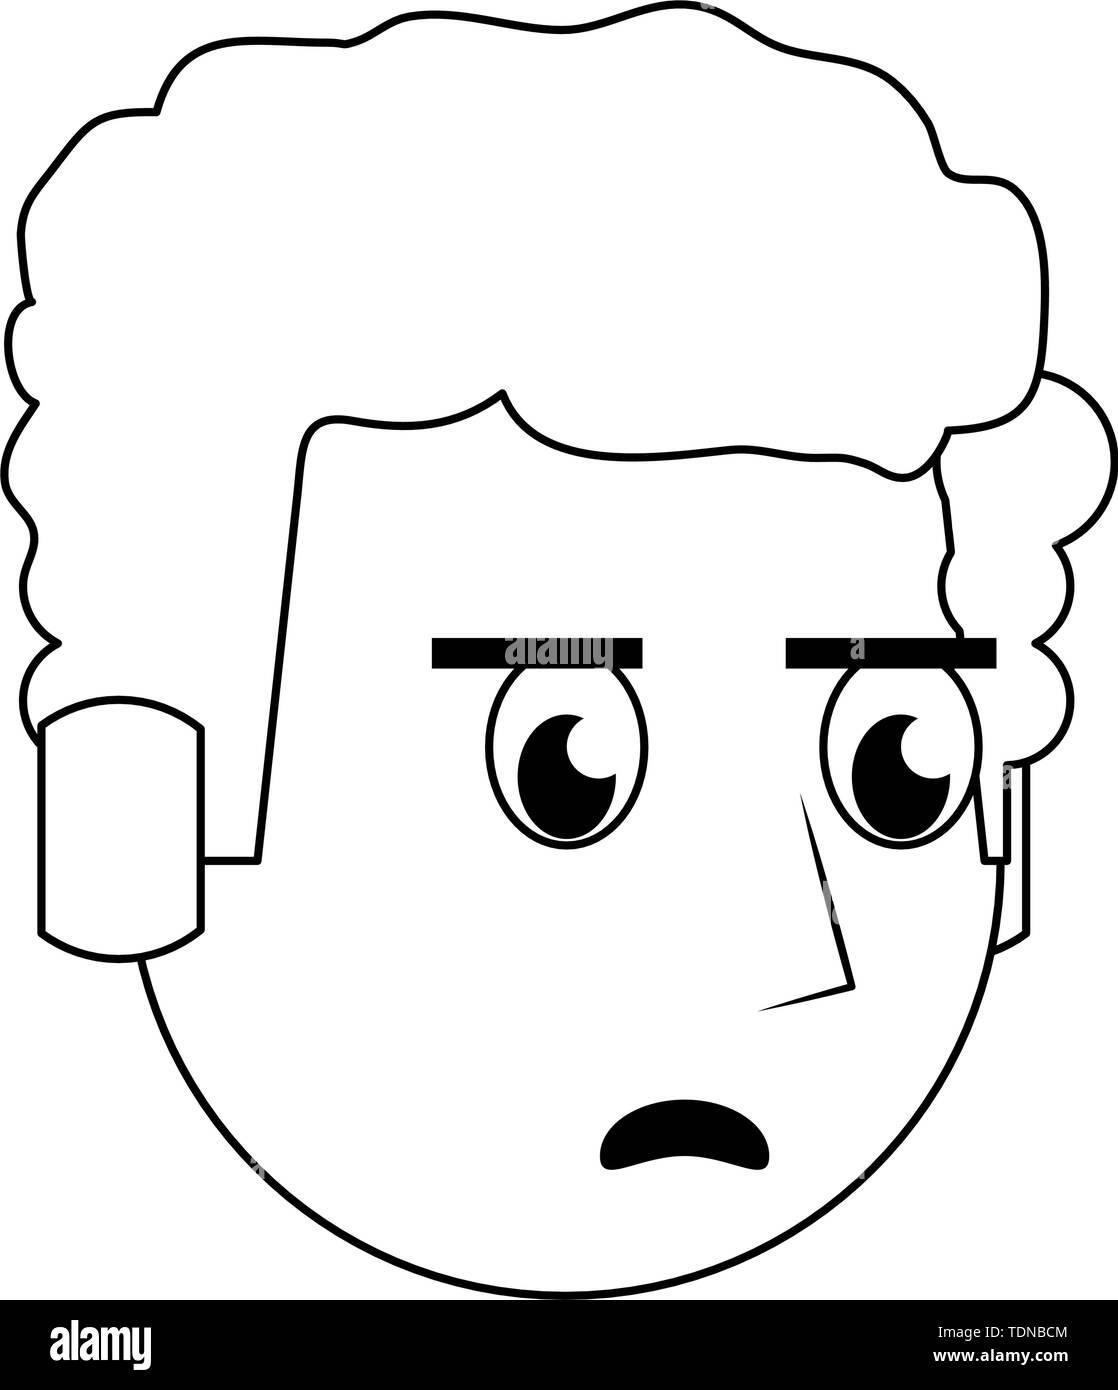 Mann afro wütend Kopf Charakter cartoon Vector Illustration grafik design Gesicht Stockbild